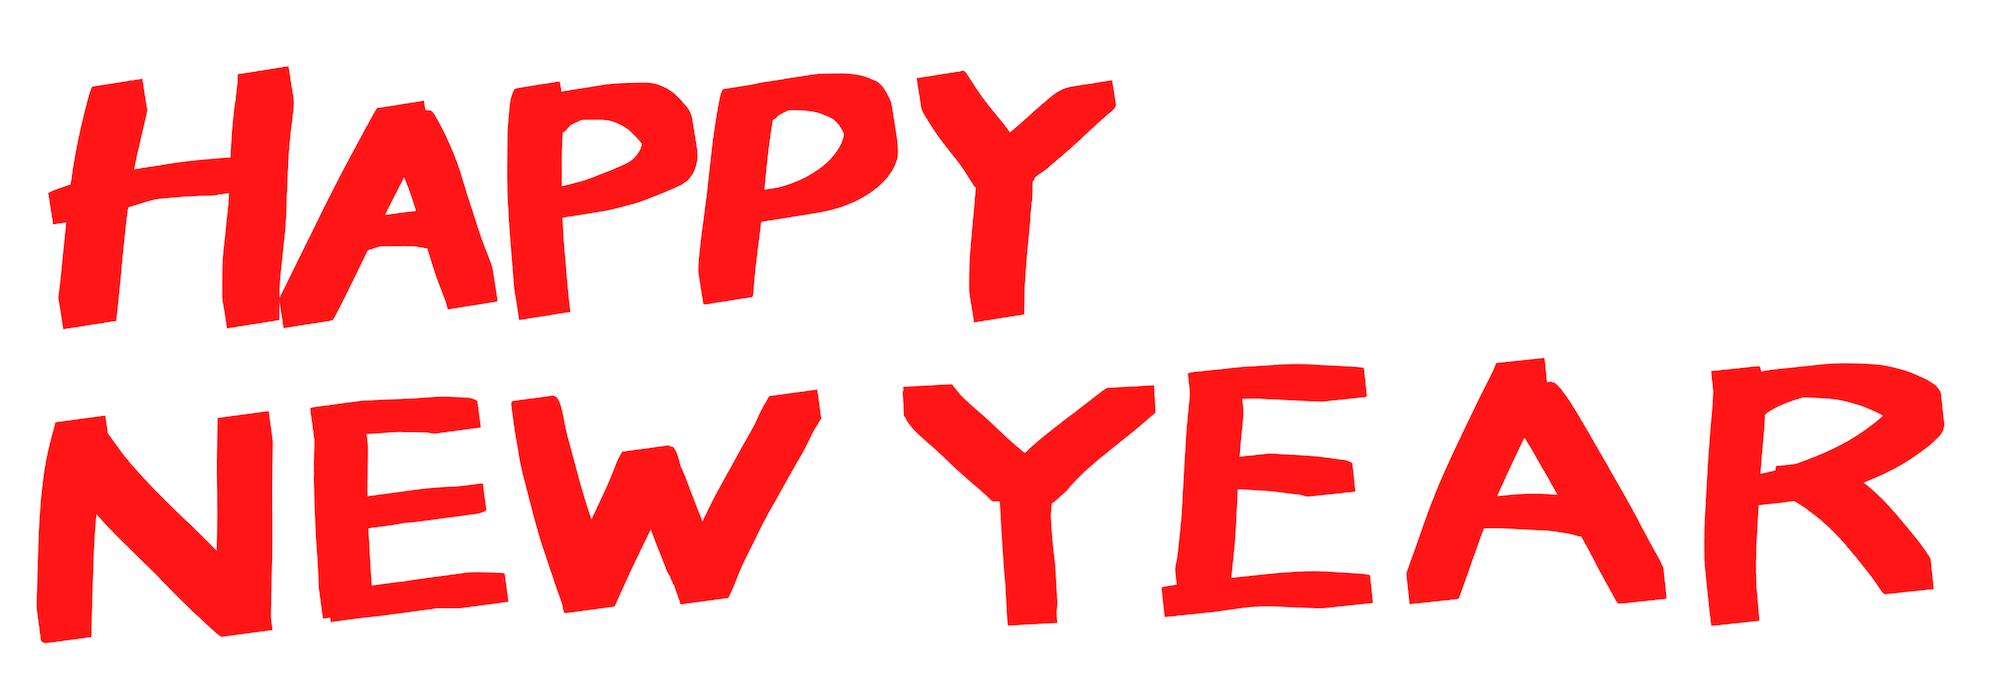 HAPPY NEW YEARハッピーニューイヤーマーカーペン赤